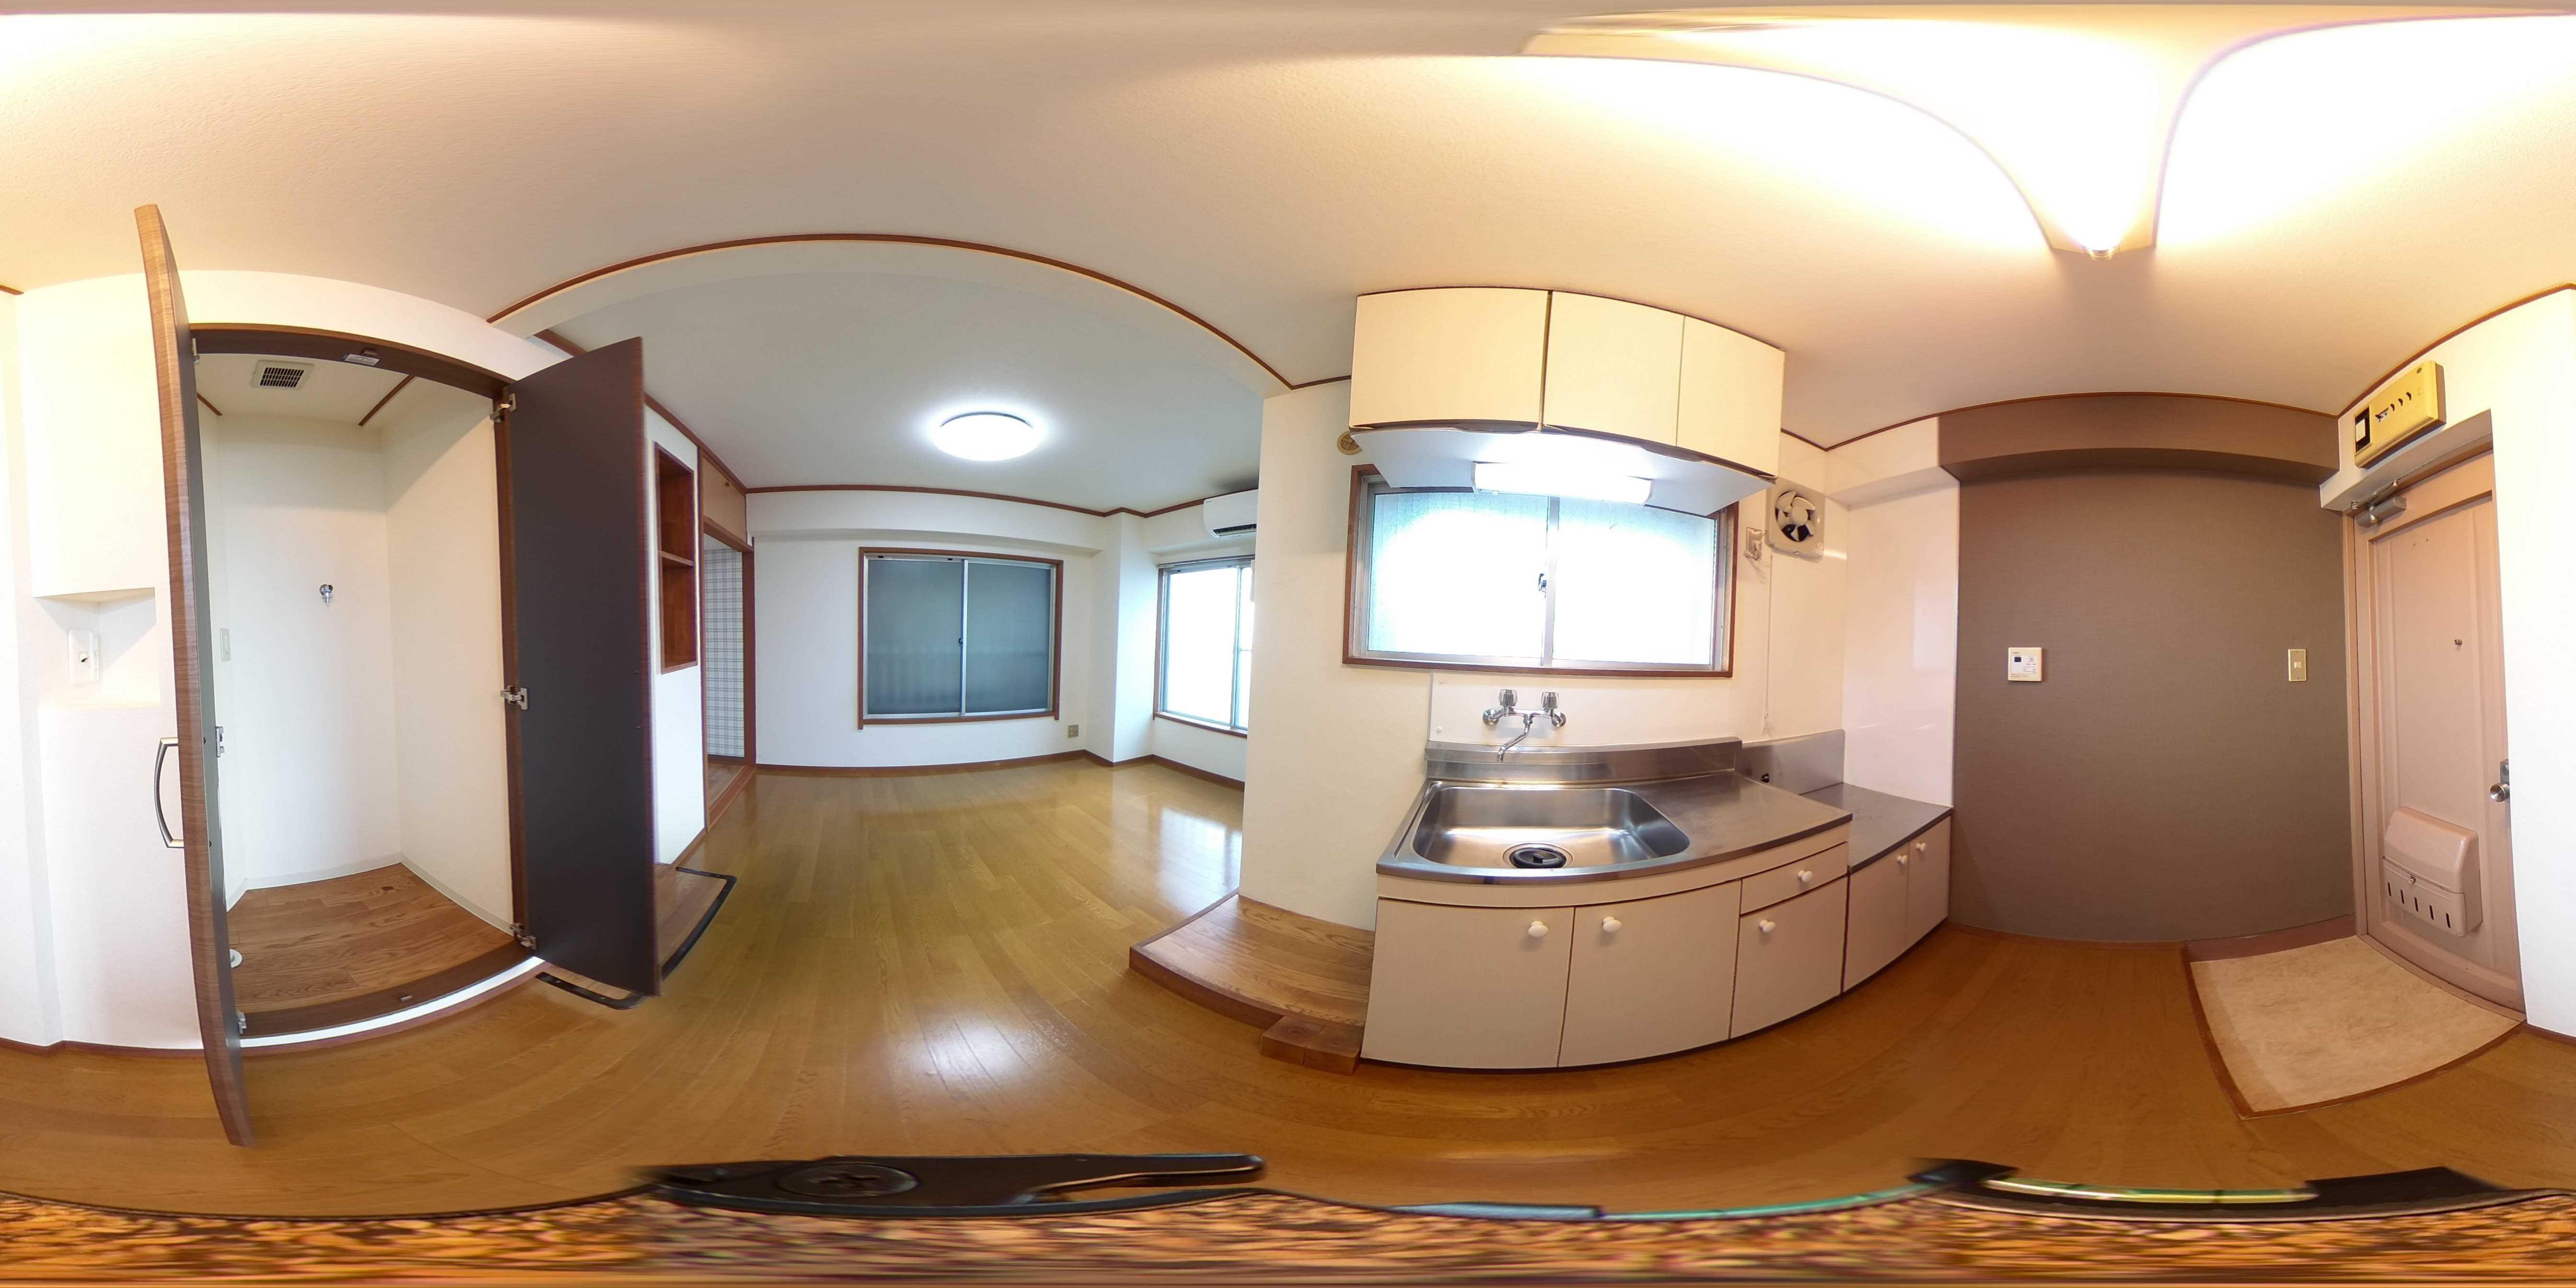 たまりビル キッチン